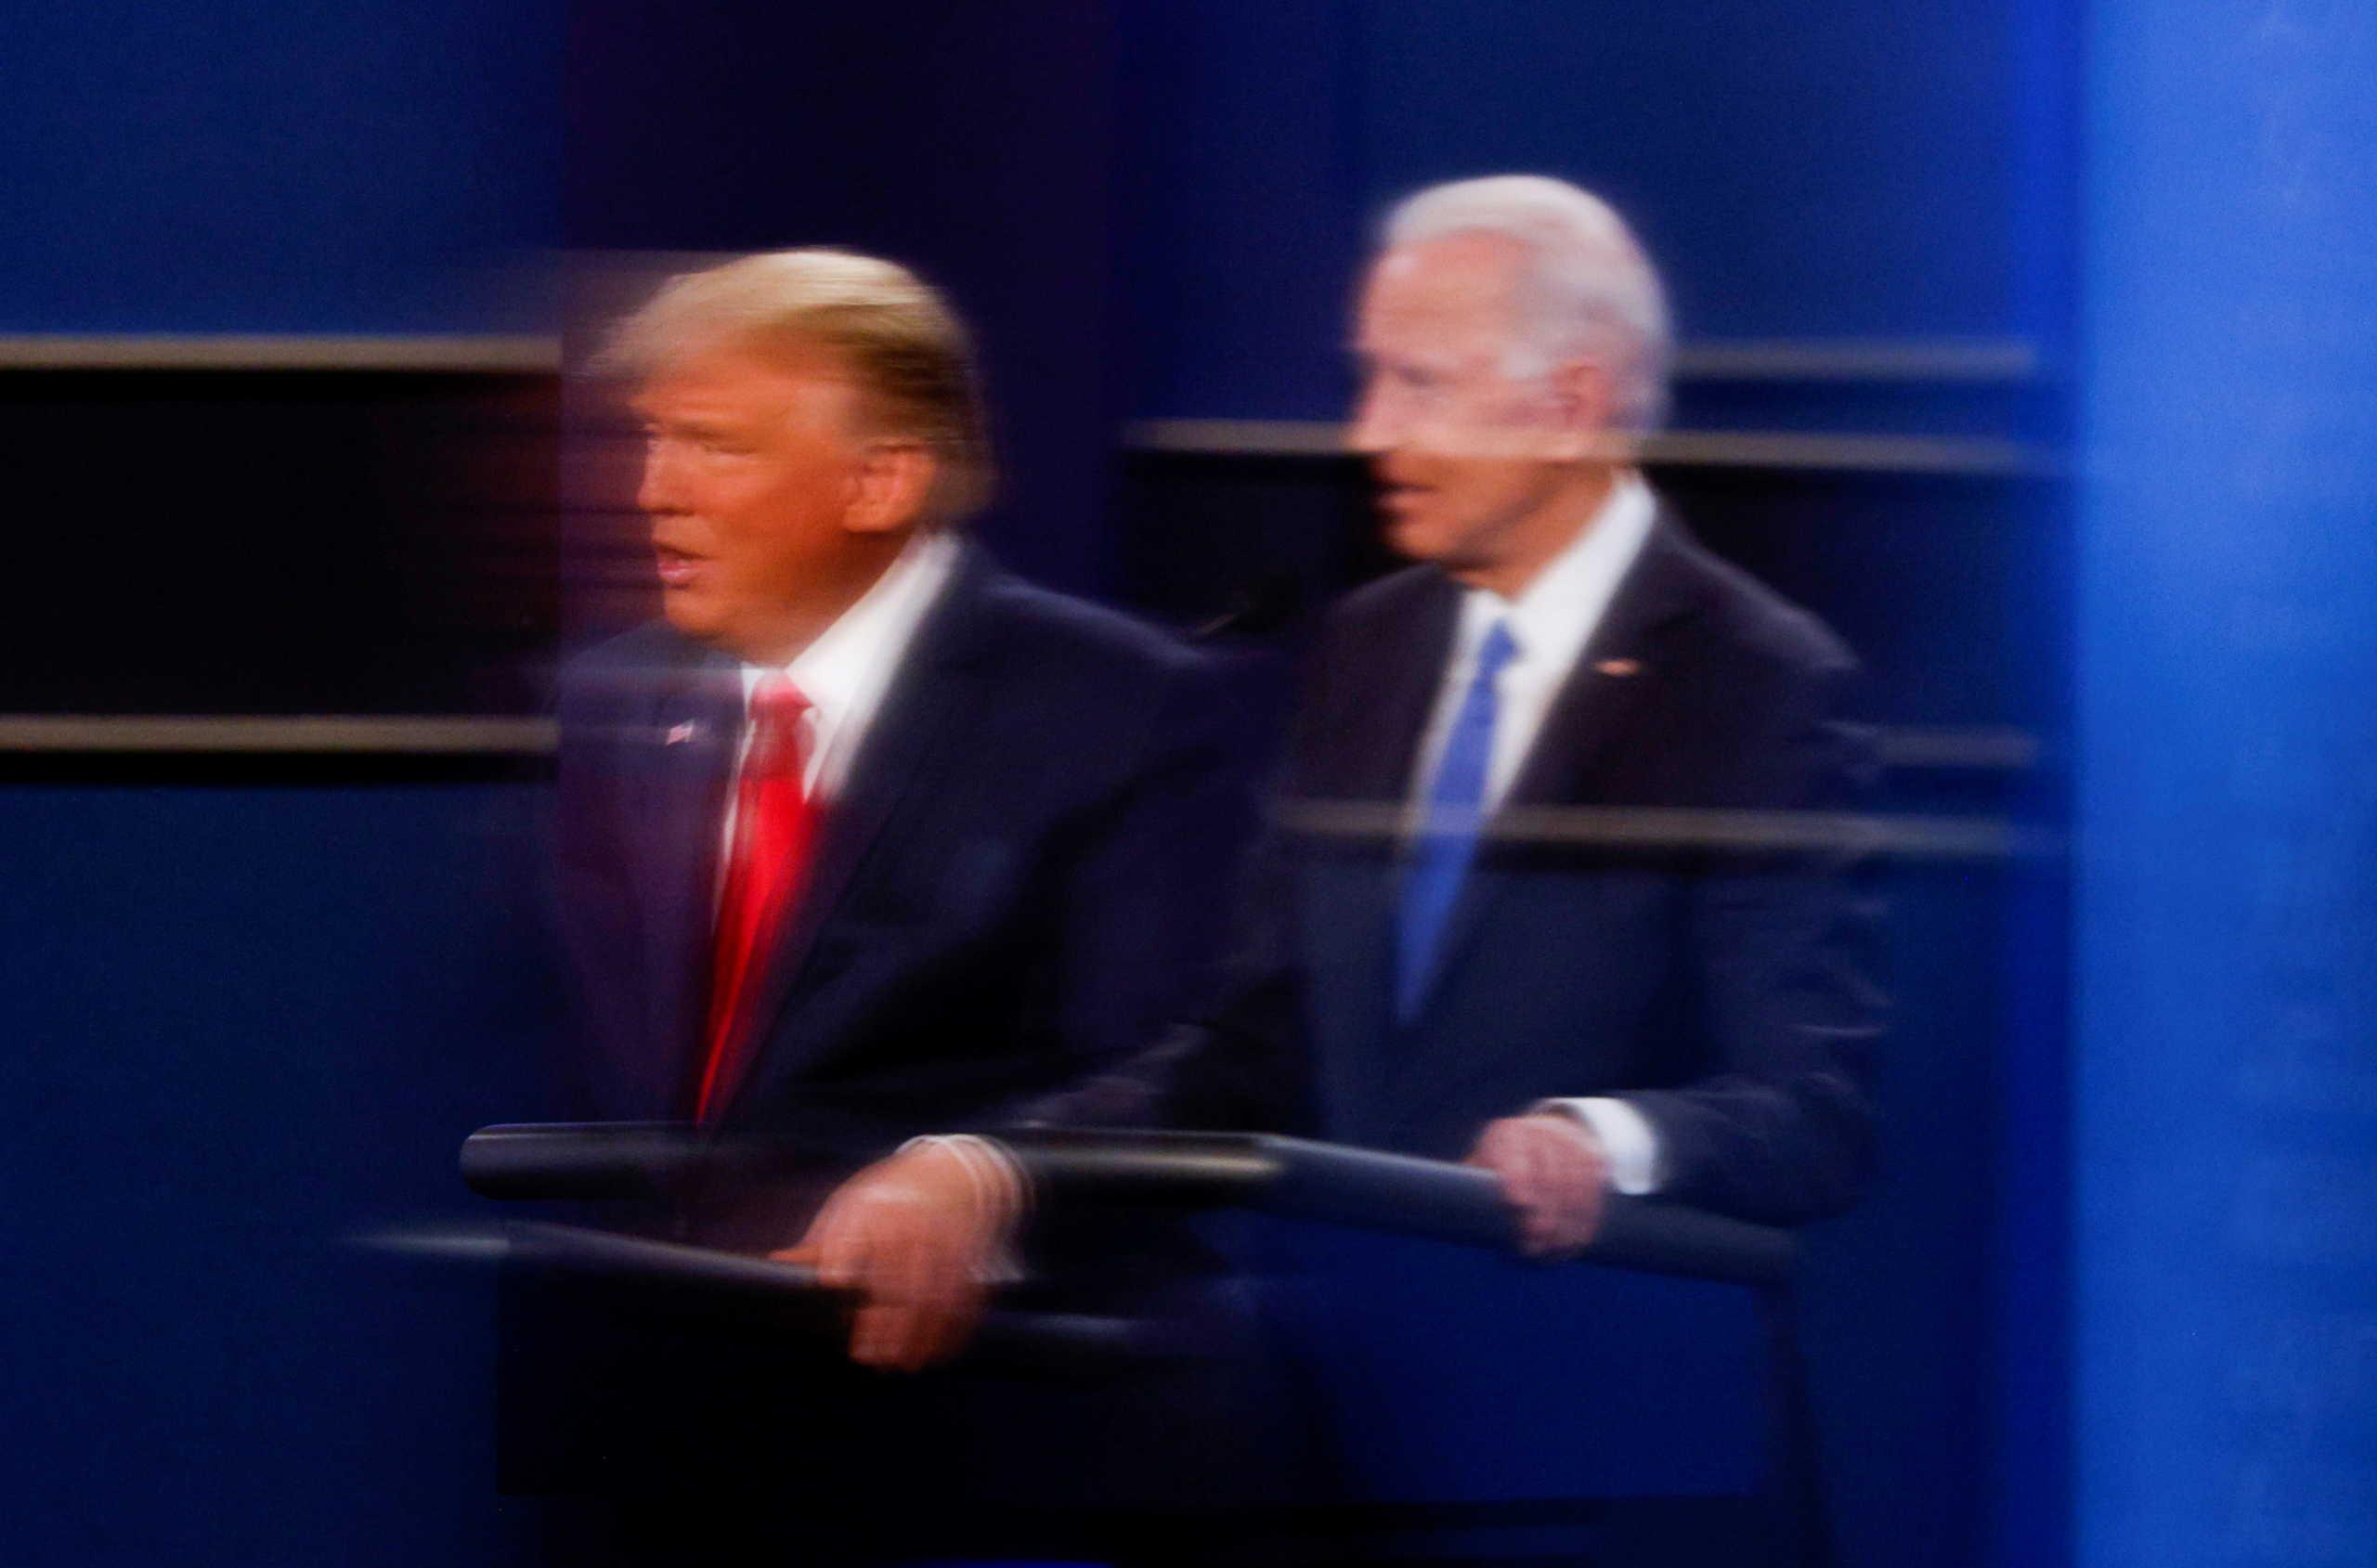 Ντόναλντ Τραμπ και Τζο Μπάιντεν υποψήφιοι στις αμερικανικές εκλογές